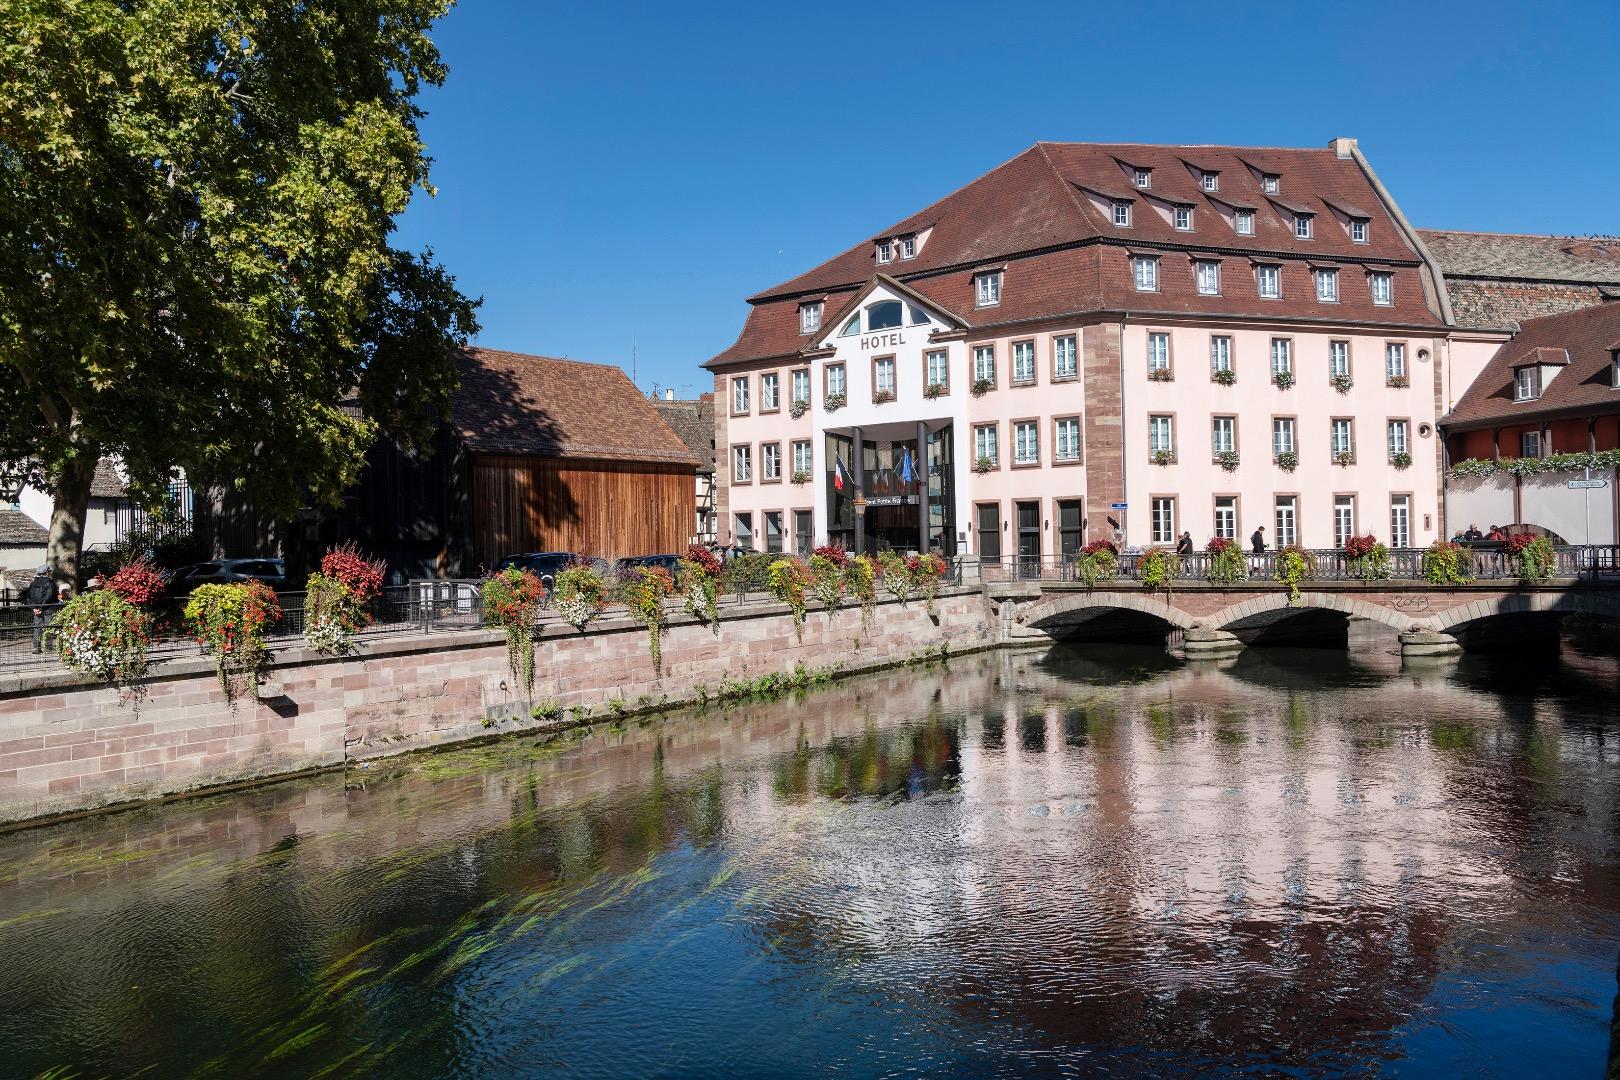 Hôtel régent petite france & spa in Strasbourg